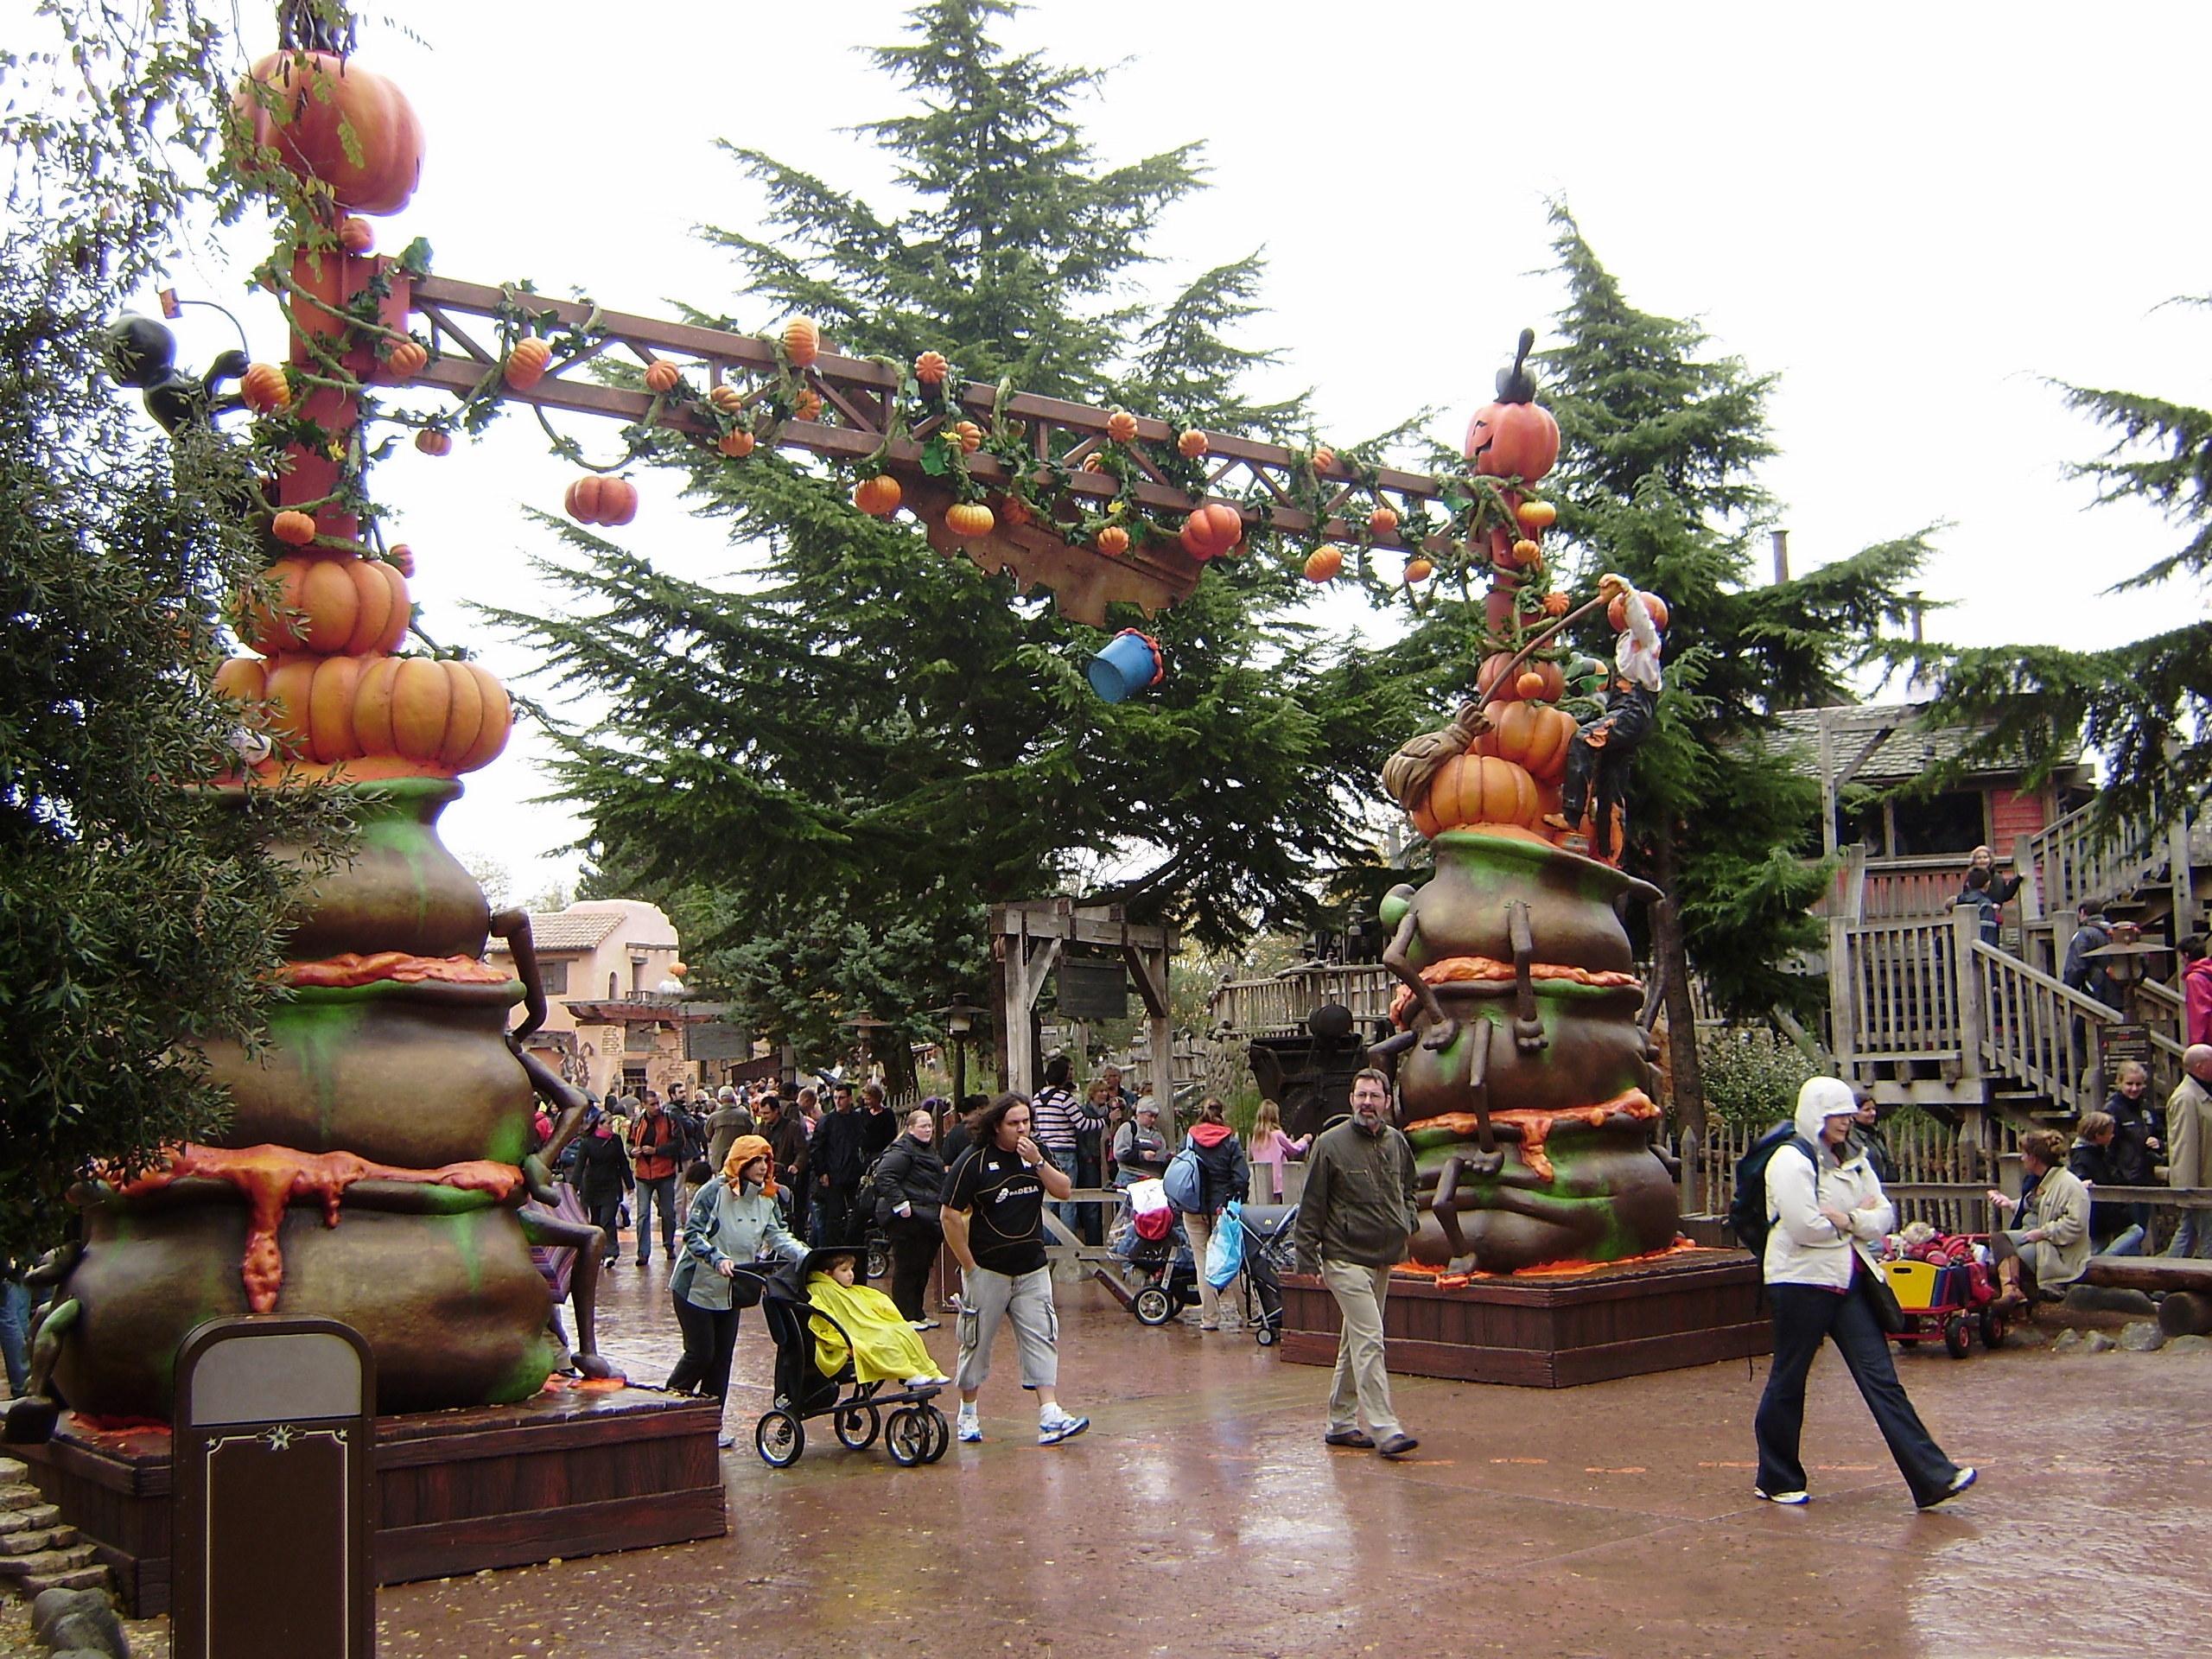 halloween images halloween in disneyland, paris hd wallpaper and